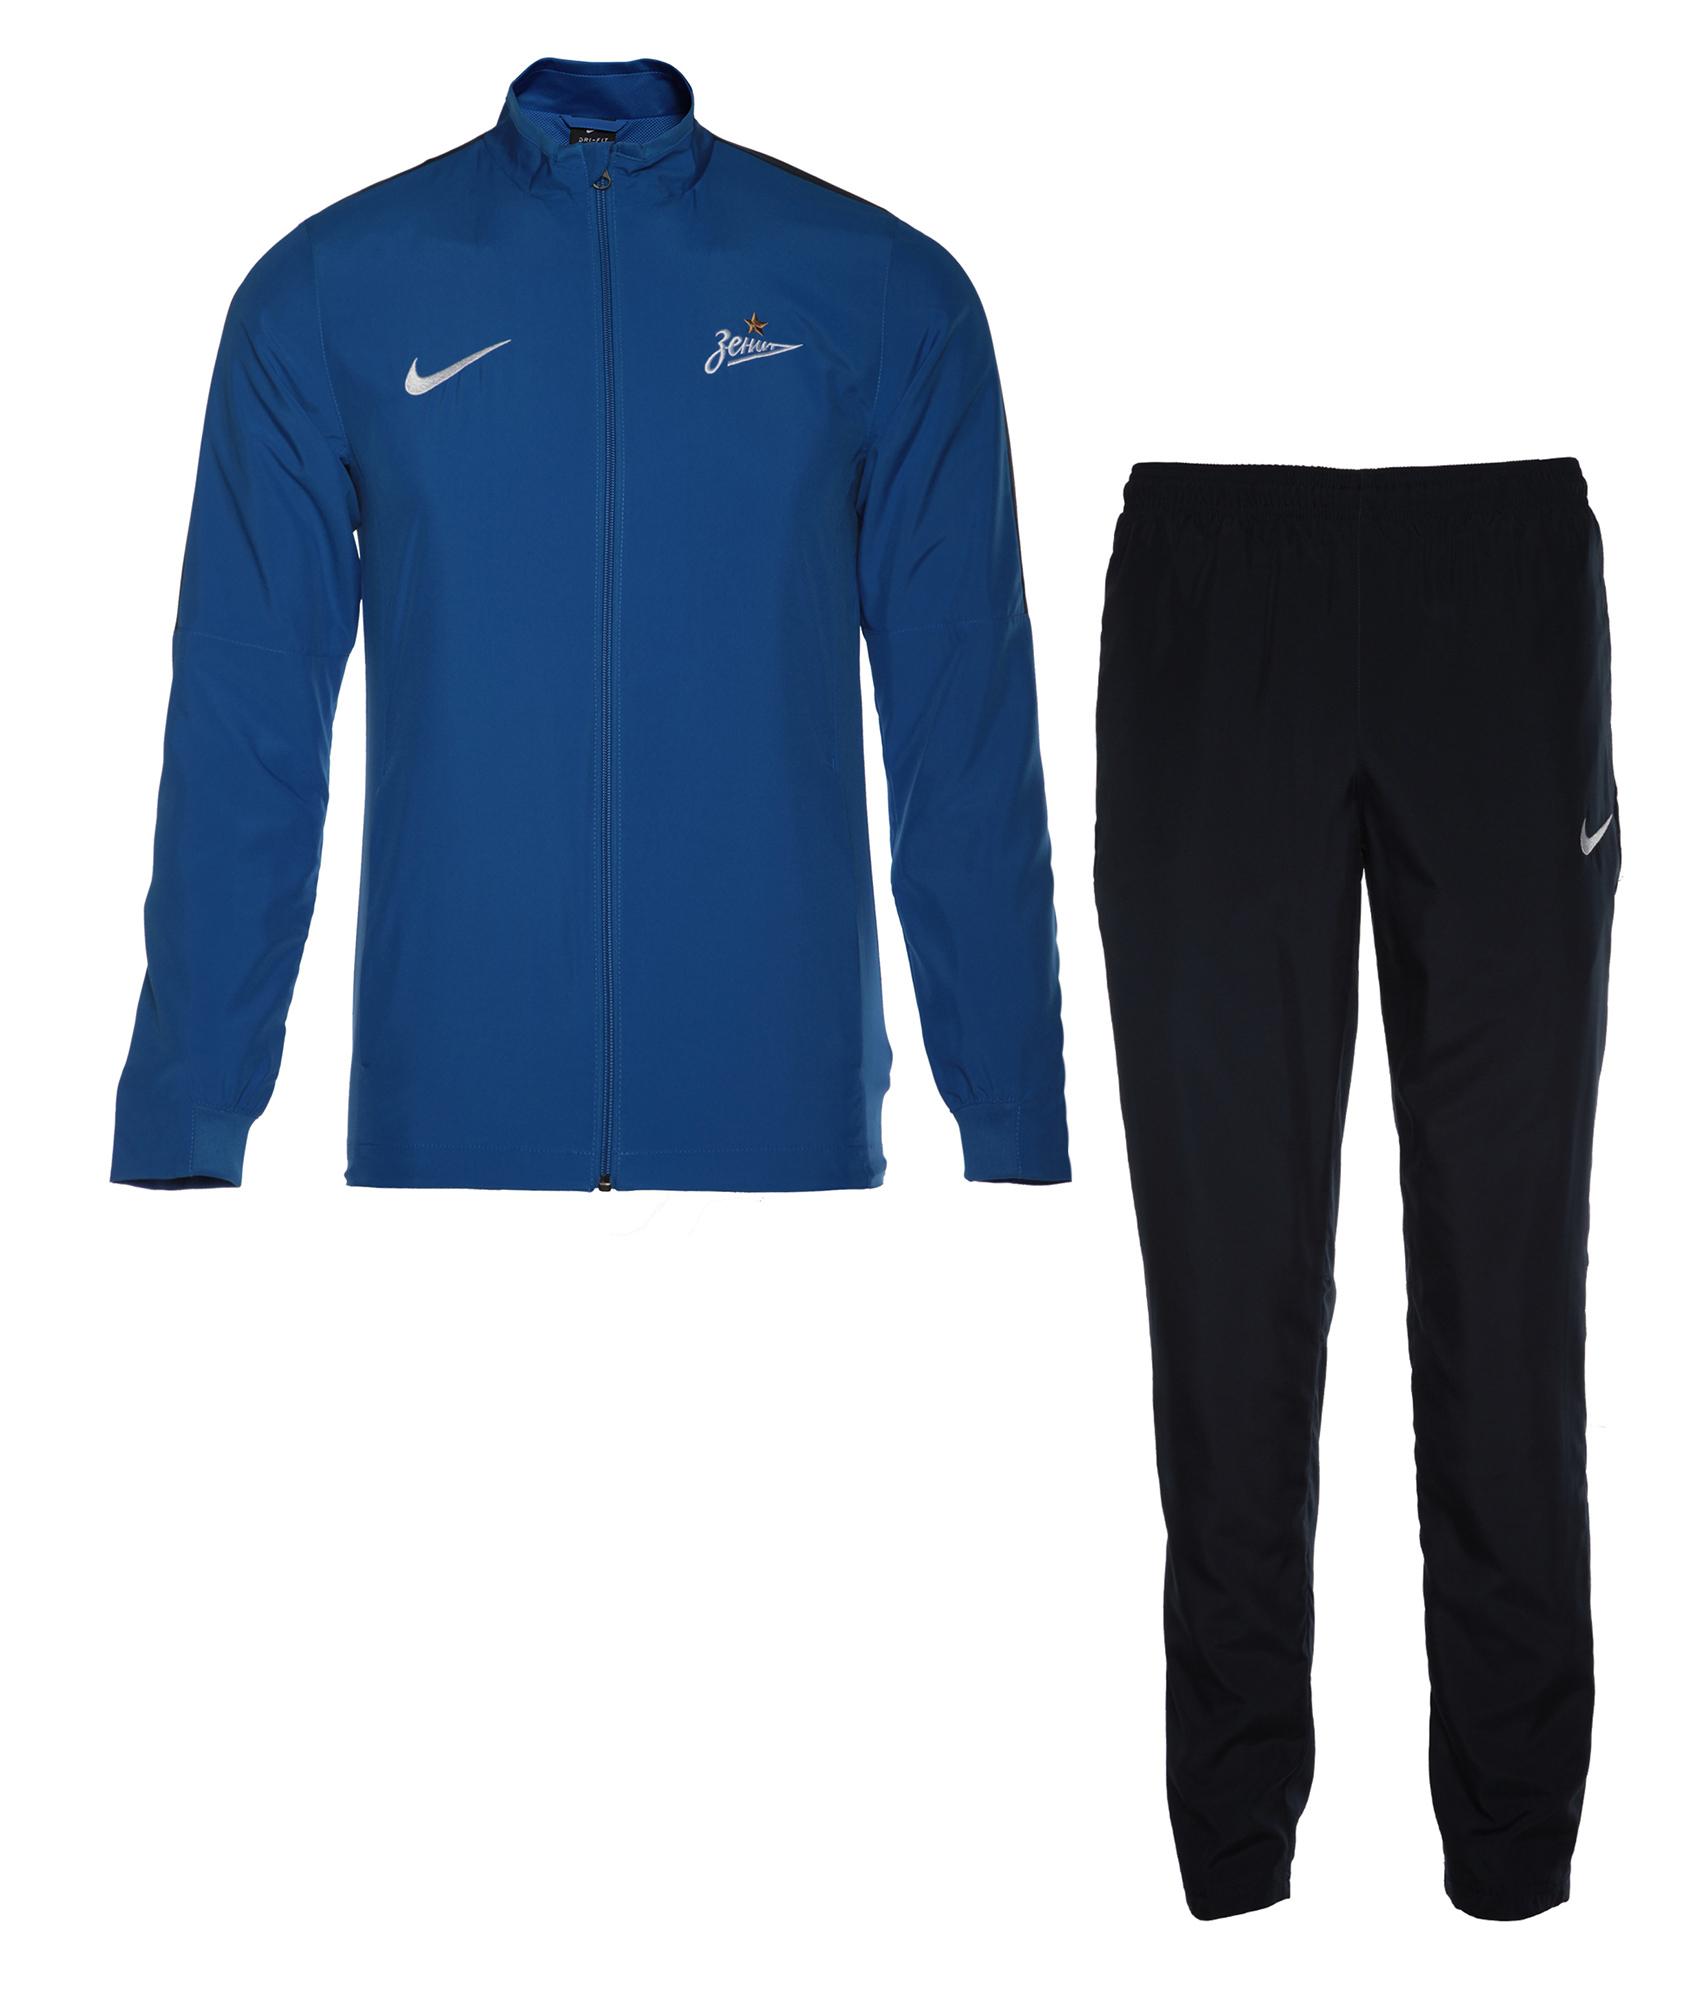 Спортивный костюм Nike, Цвет-Синий, Размер-S костюм спортивный мужской puma ftbltrg poly tracksuit цвет черный салатовый 655202 50 размер s 44 46